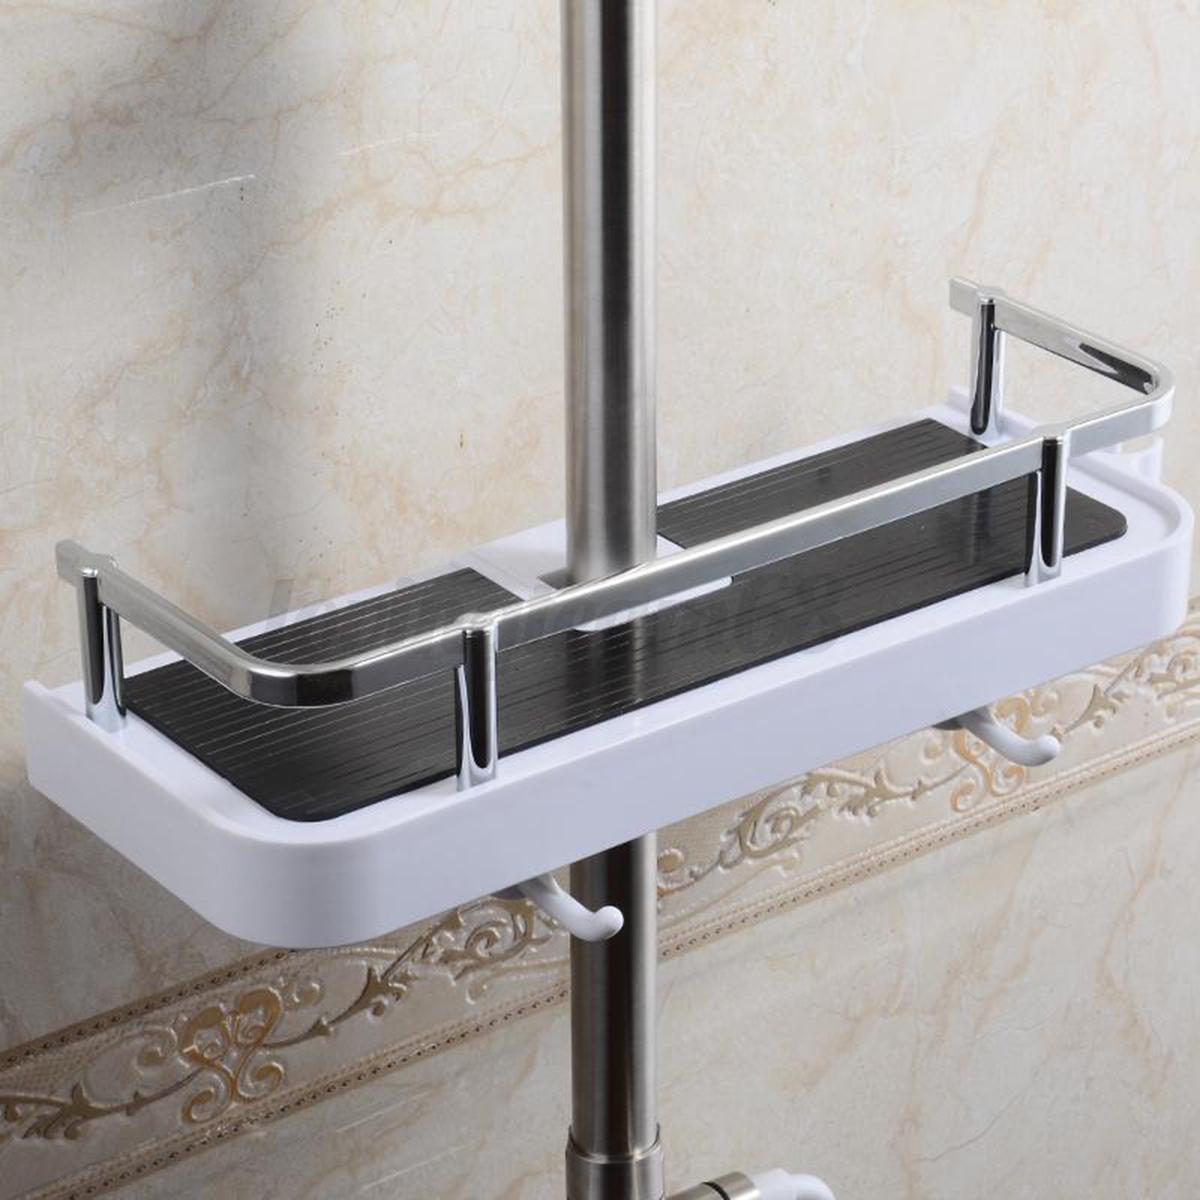 badablage regal halter badregal duschregal duschablage duschkorb f r duschstange ebay. Black Bedroom Furniture Sets. Home Design Ideas